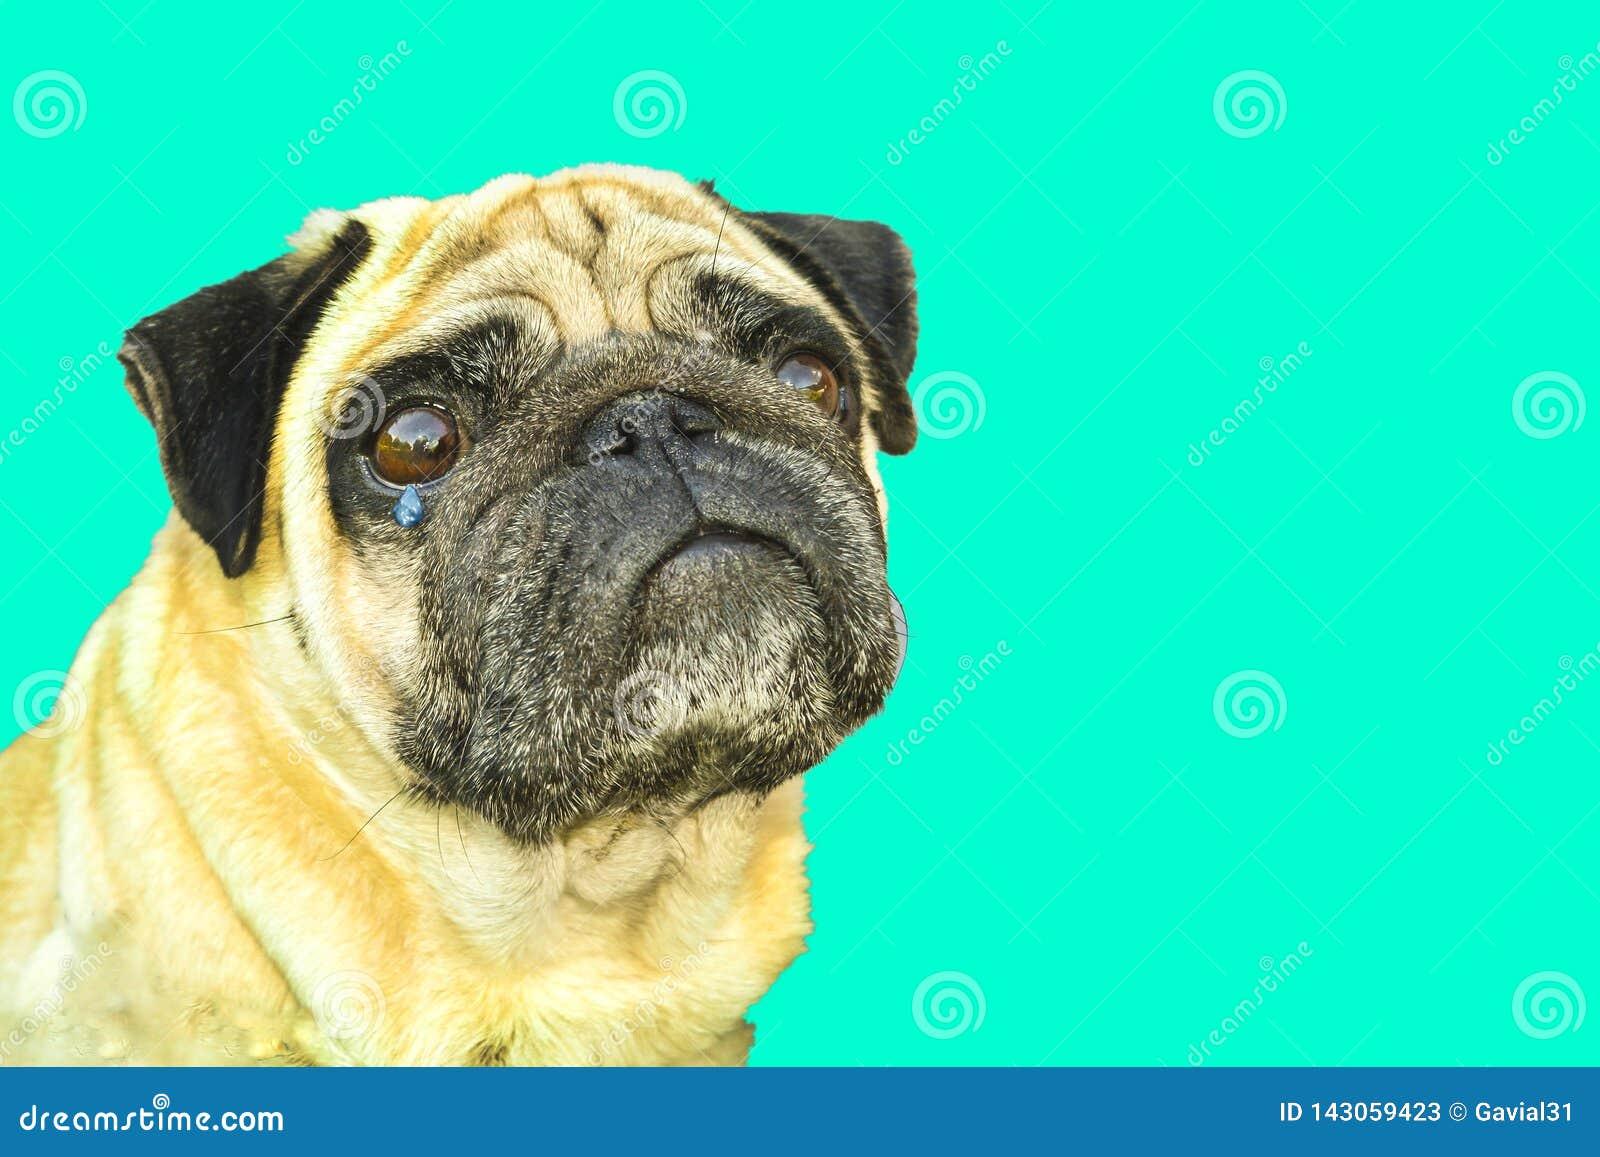 Dog pug crying